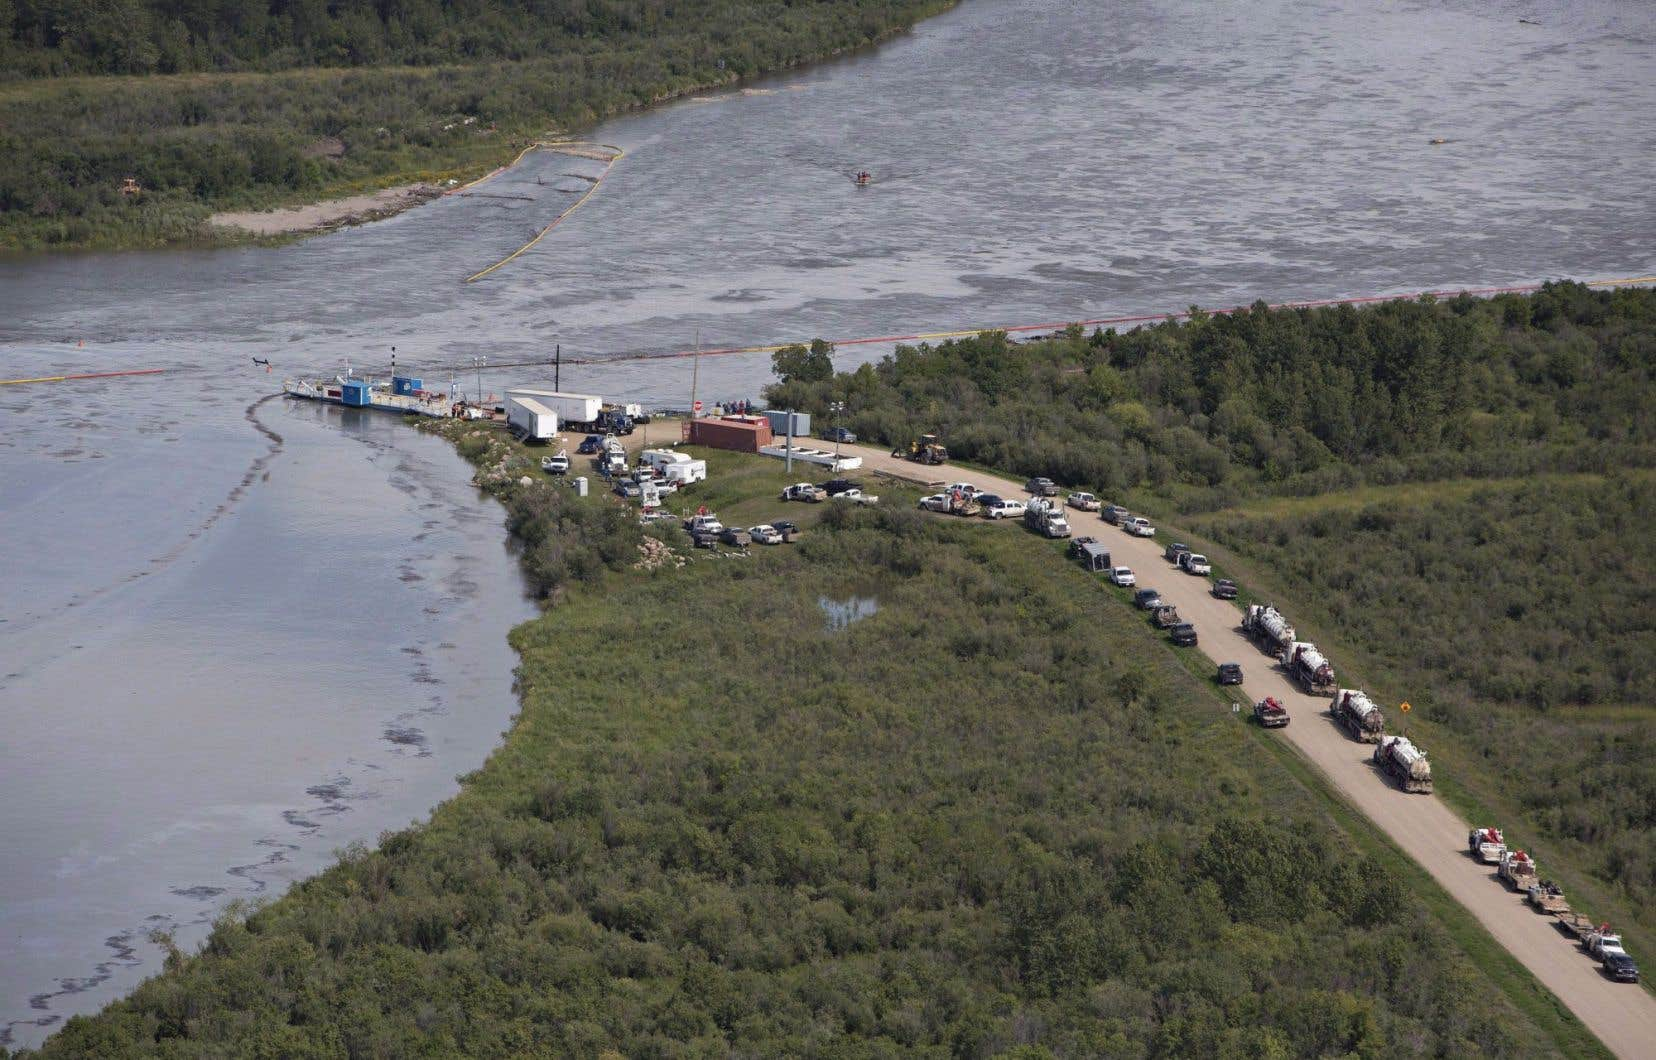 Quelque 250000 litres de pétrole mélangé à un hydrocarbure plus léger ont été déversés dans le cours d'eau près de la ville de Maidstone en raison d'une fuite dans un oléoduc repérée le 21juillet.